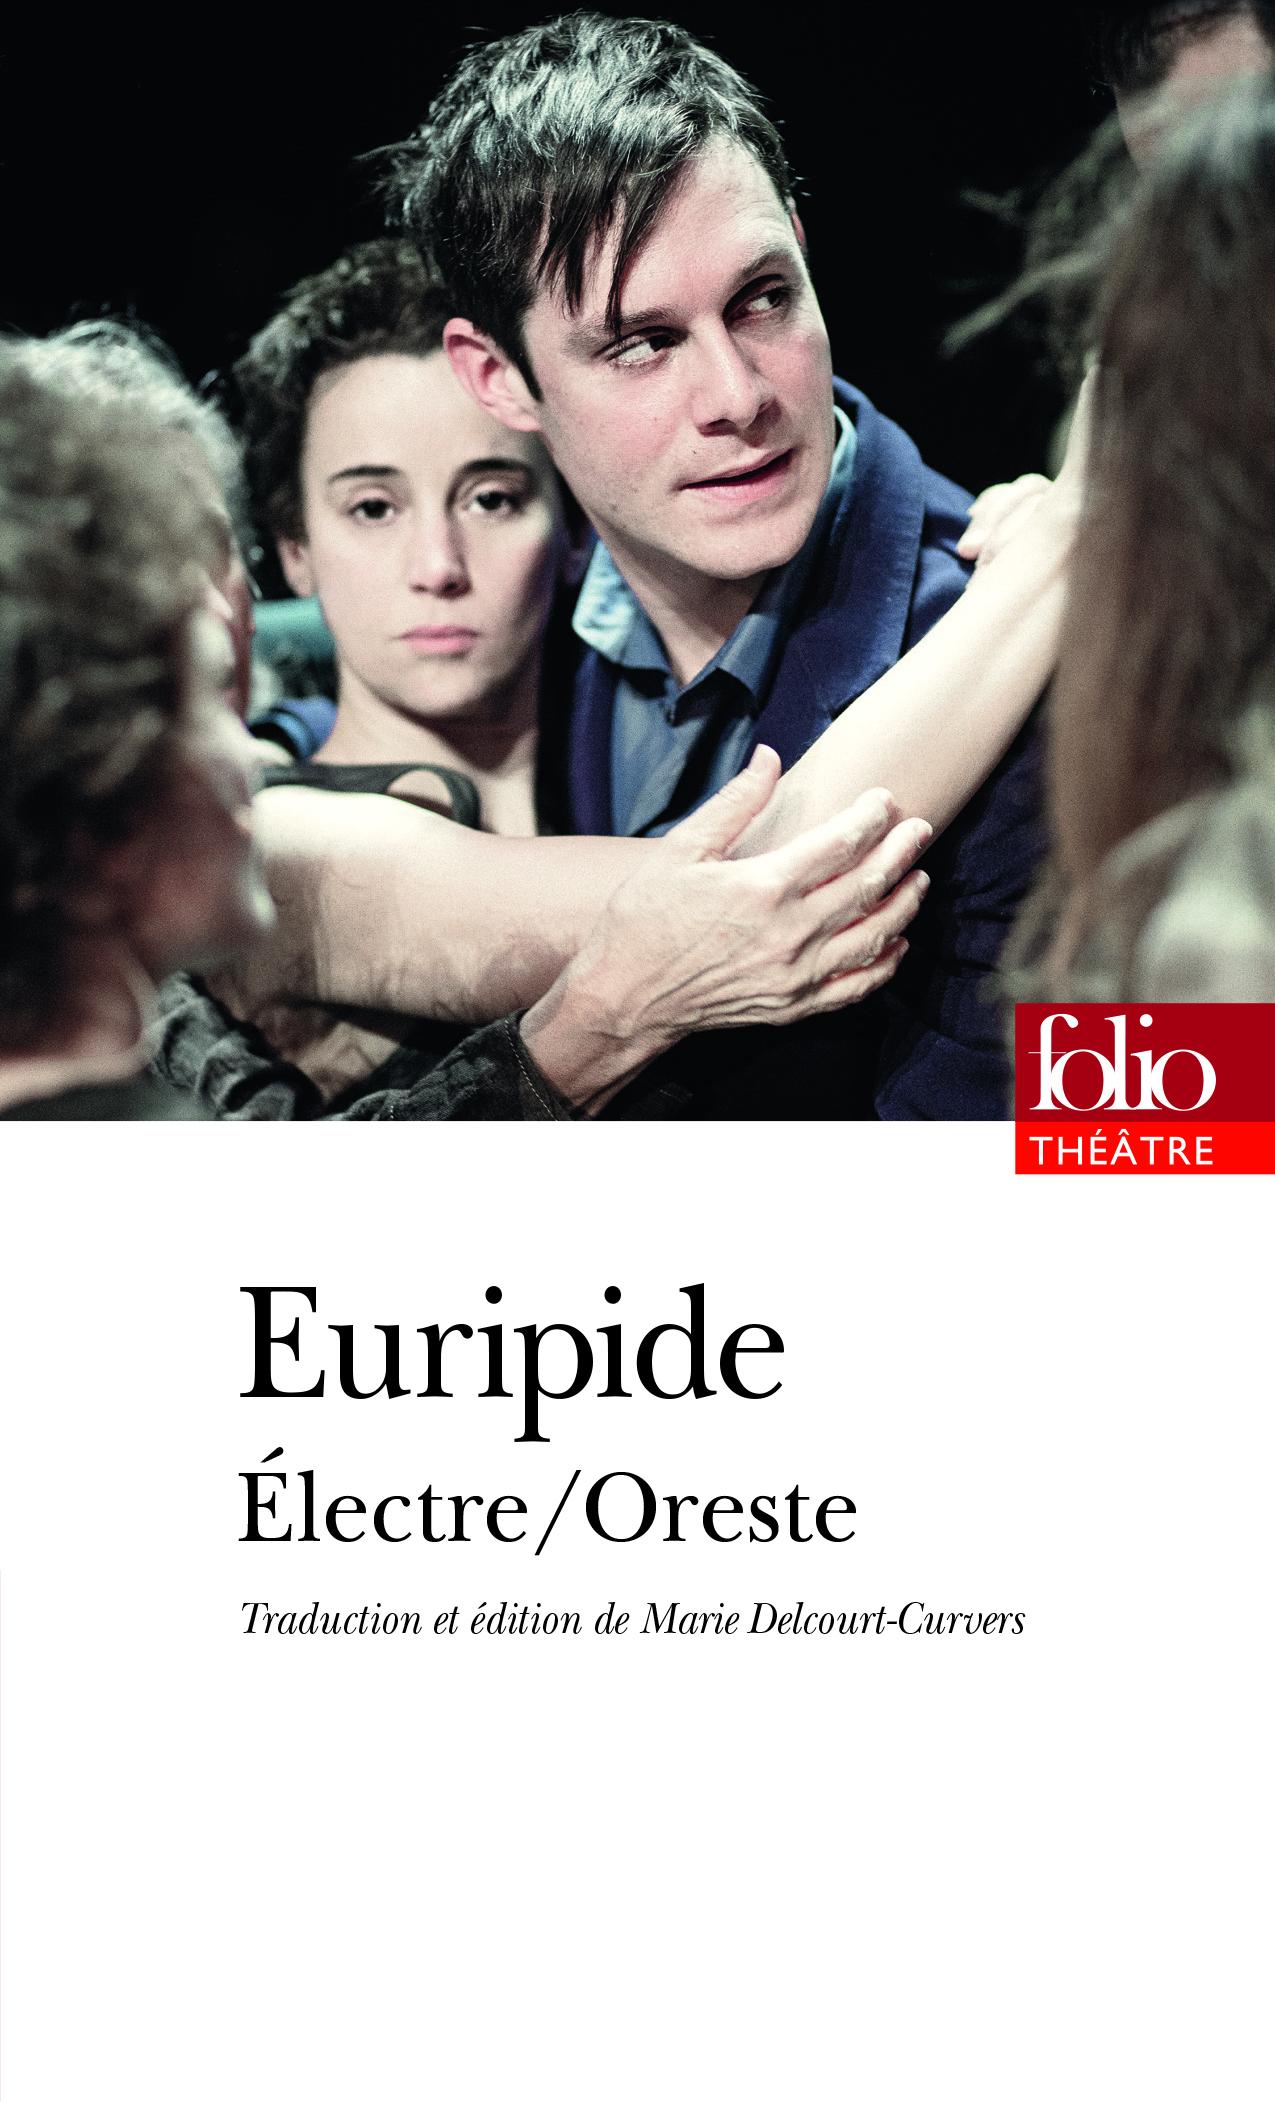 Euripide, Électre. Oreste (éd. M. Delcourt-Curvers, Folio théâtre)